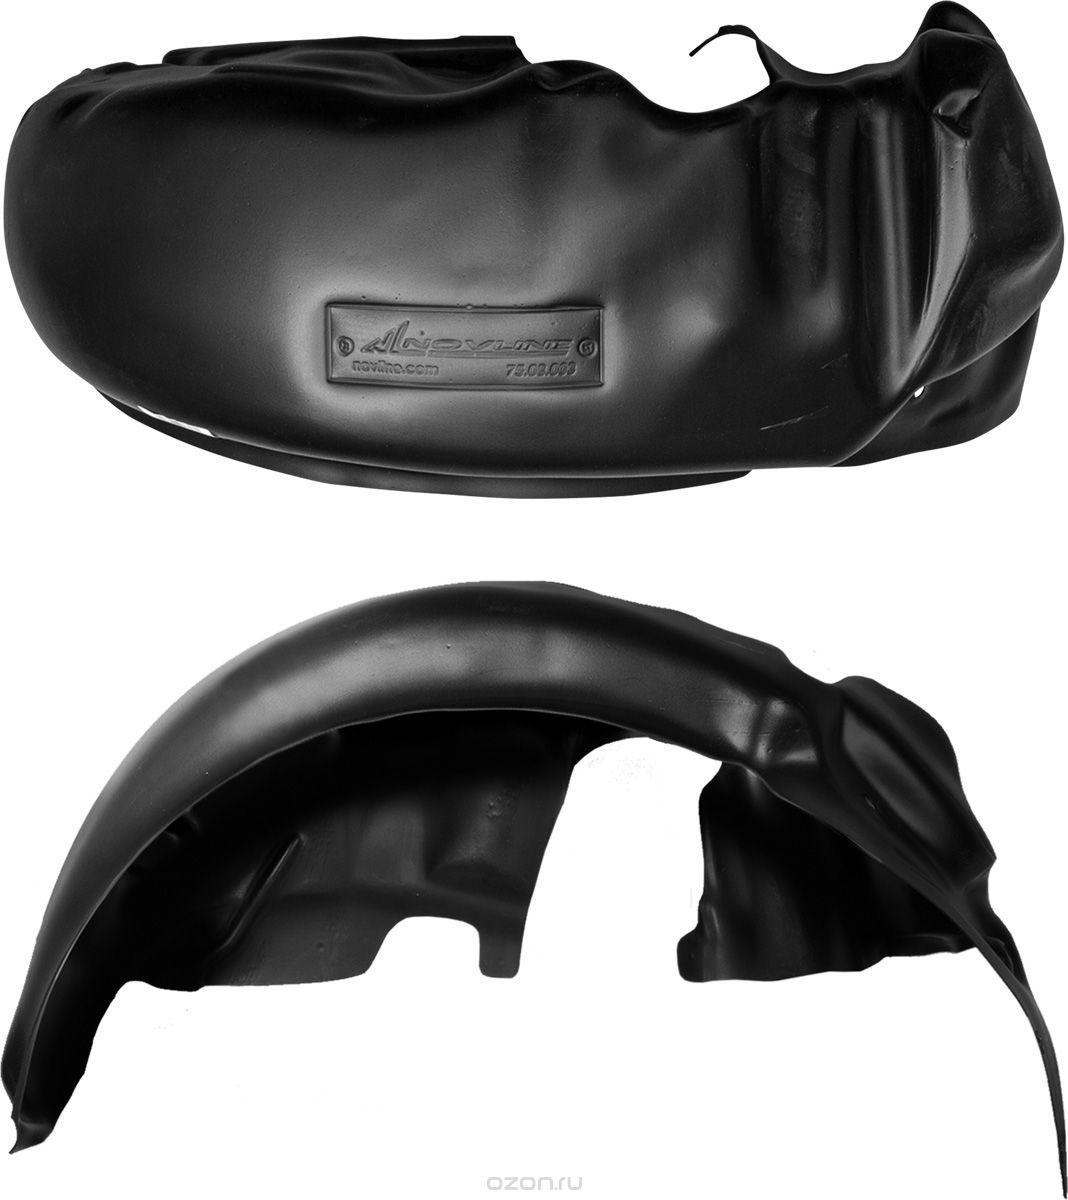 Комплект подкрылок Novline-Autofamily для ВАЗ 11183 Kalina 2004-20134600Идеальная защита колесной ниши. Локеры разработаны с применением цифровых технологий, гарантируют максимальную повторяемость поверхности арки. Изделия устанавливаются без нарушения лакокрасочного покрытия автомобиля, каждый подкрылок комплектуется крепежом. Уважаемые клиенты, обращаем ваше внимание, что фотографии на подкрылки универсальные и не отражают реальную форму изделия. При этом само изделие идет точно под размер указанного автомобиля.